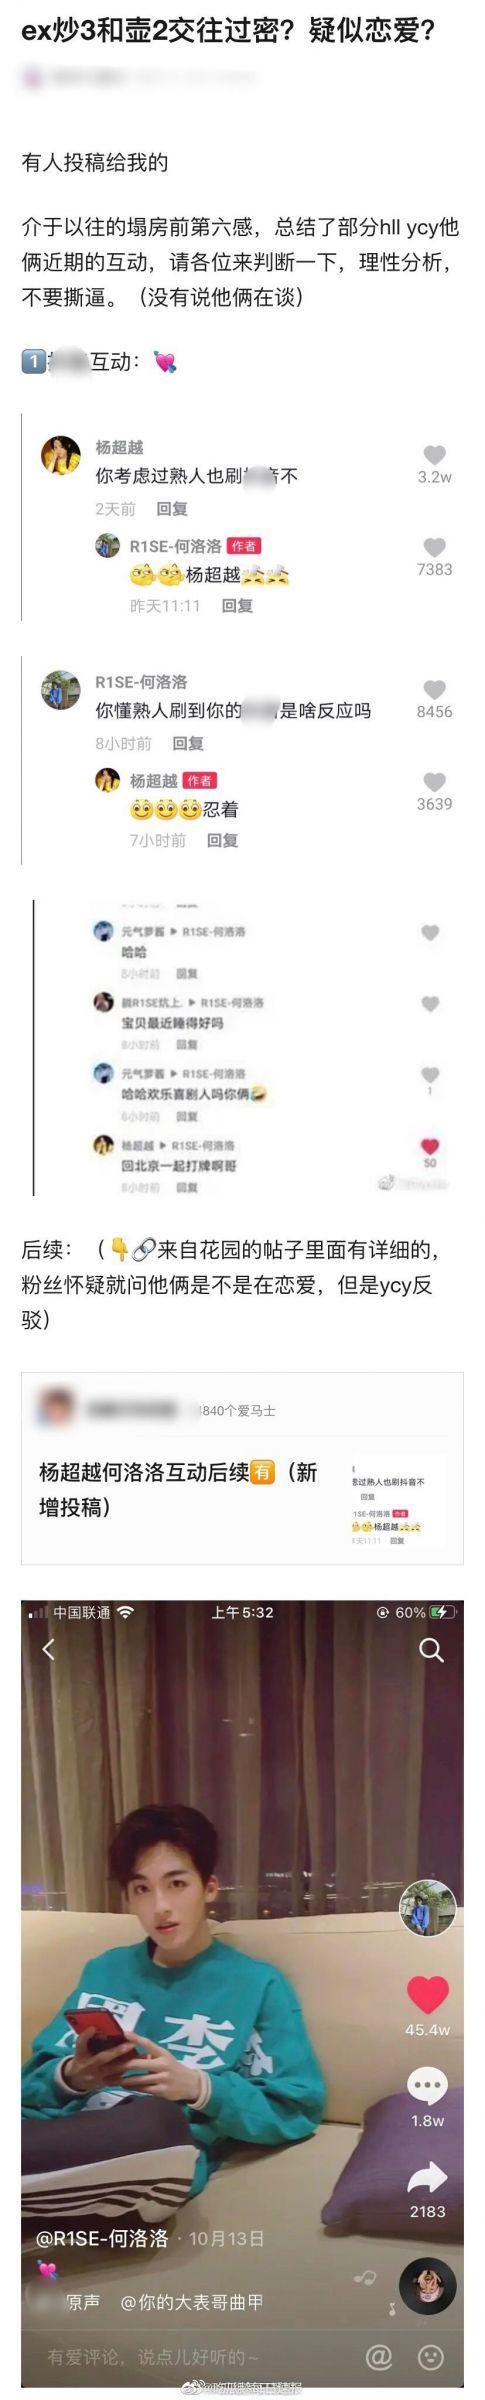 楊超越熱戀中?網抓包「疑甜蜜喊話」:男方是公司師弟!